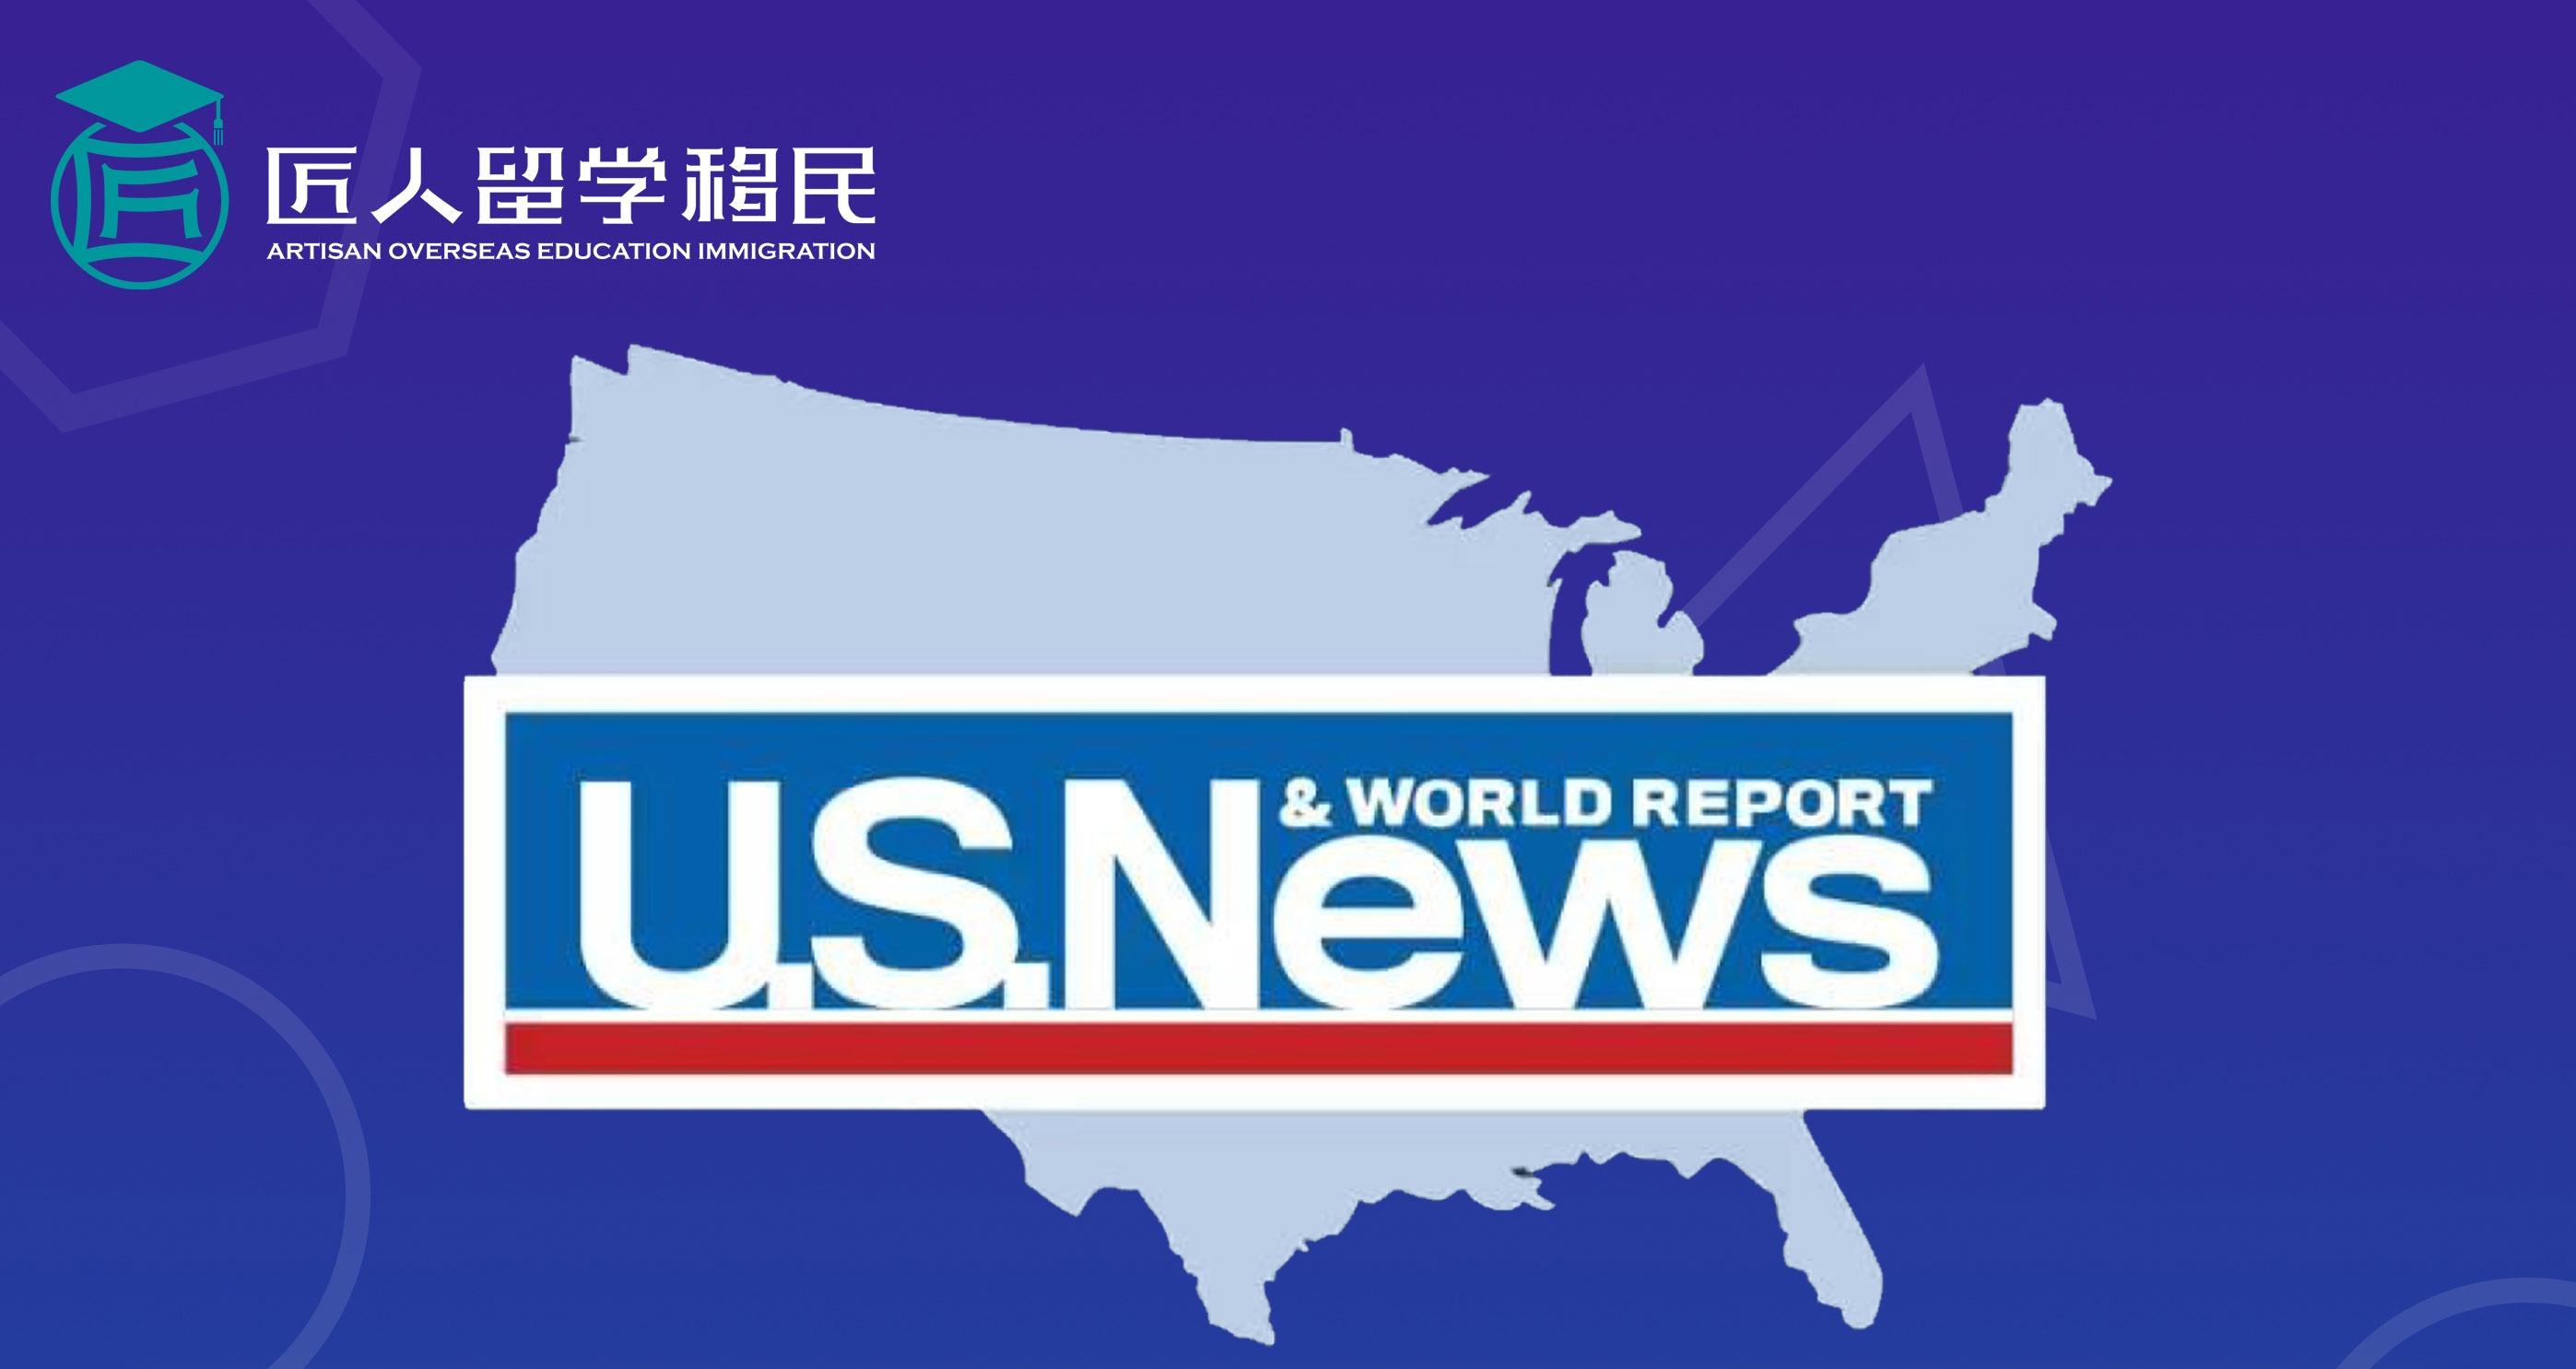 2021年度U.S.News房地产排名